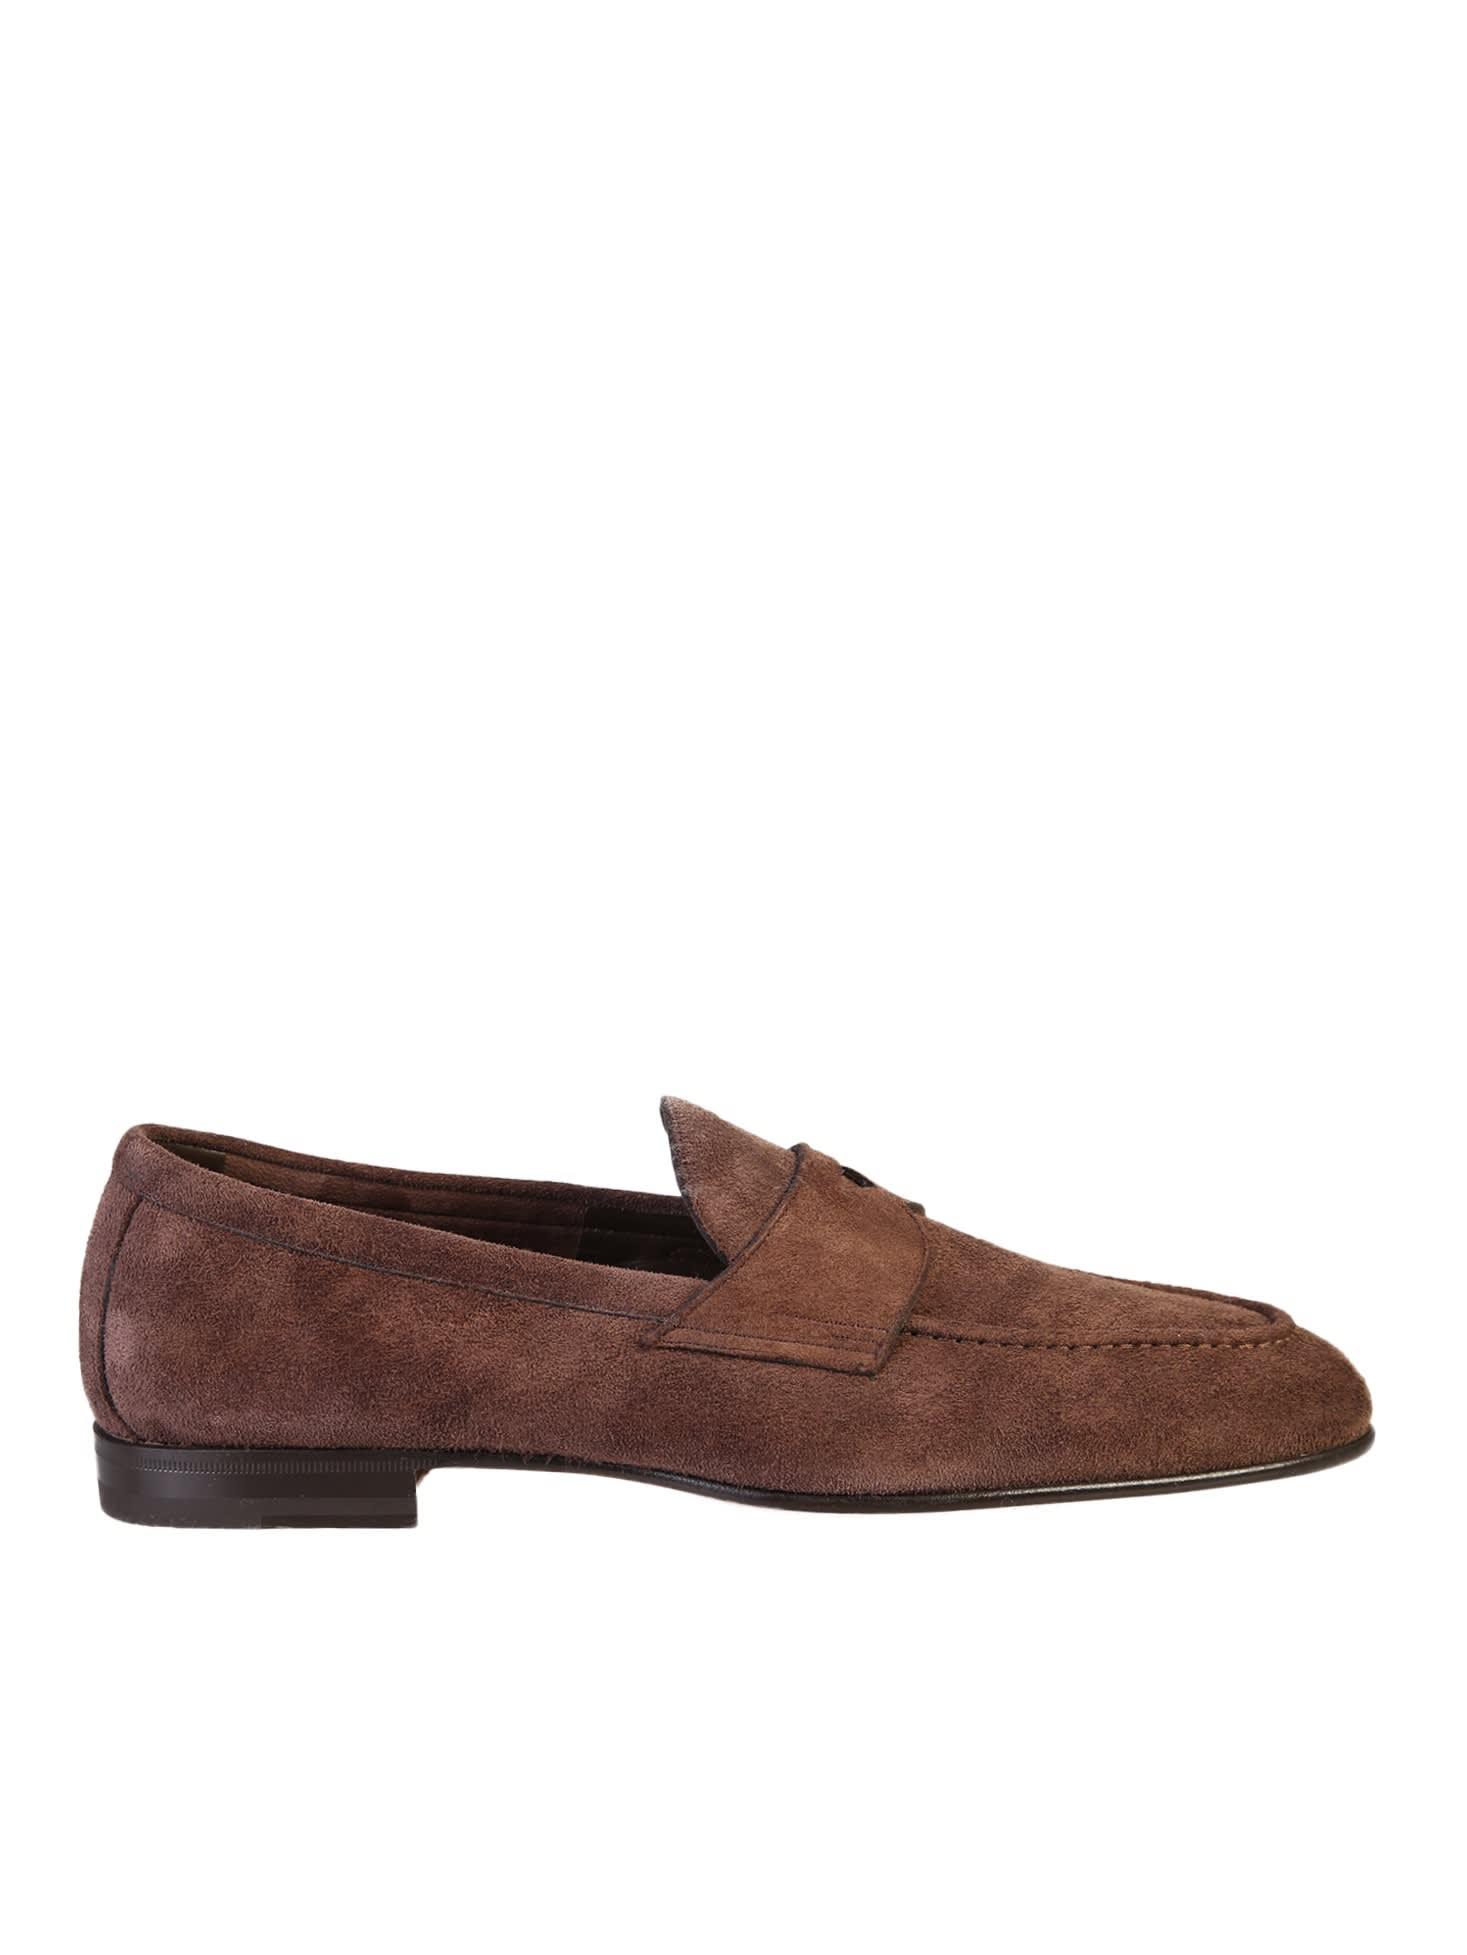 Santoni Brown Loafers